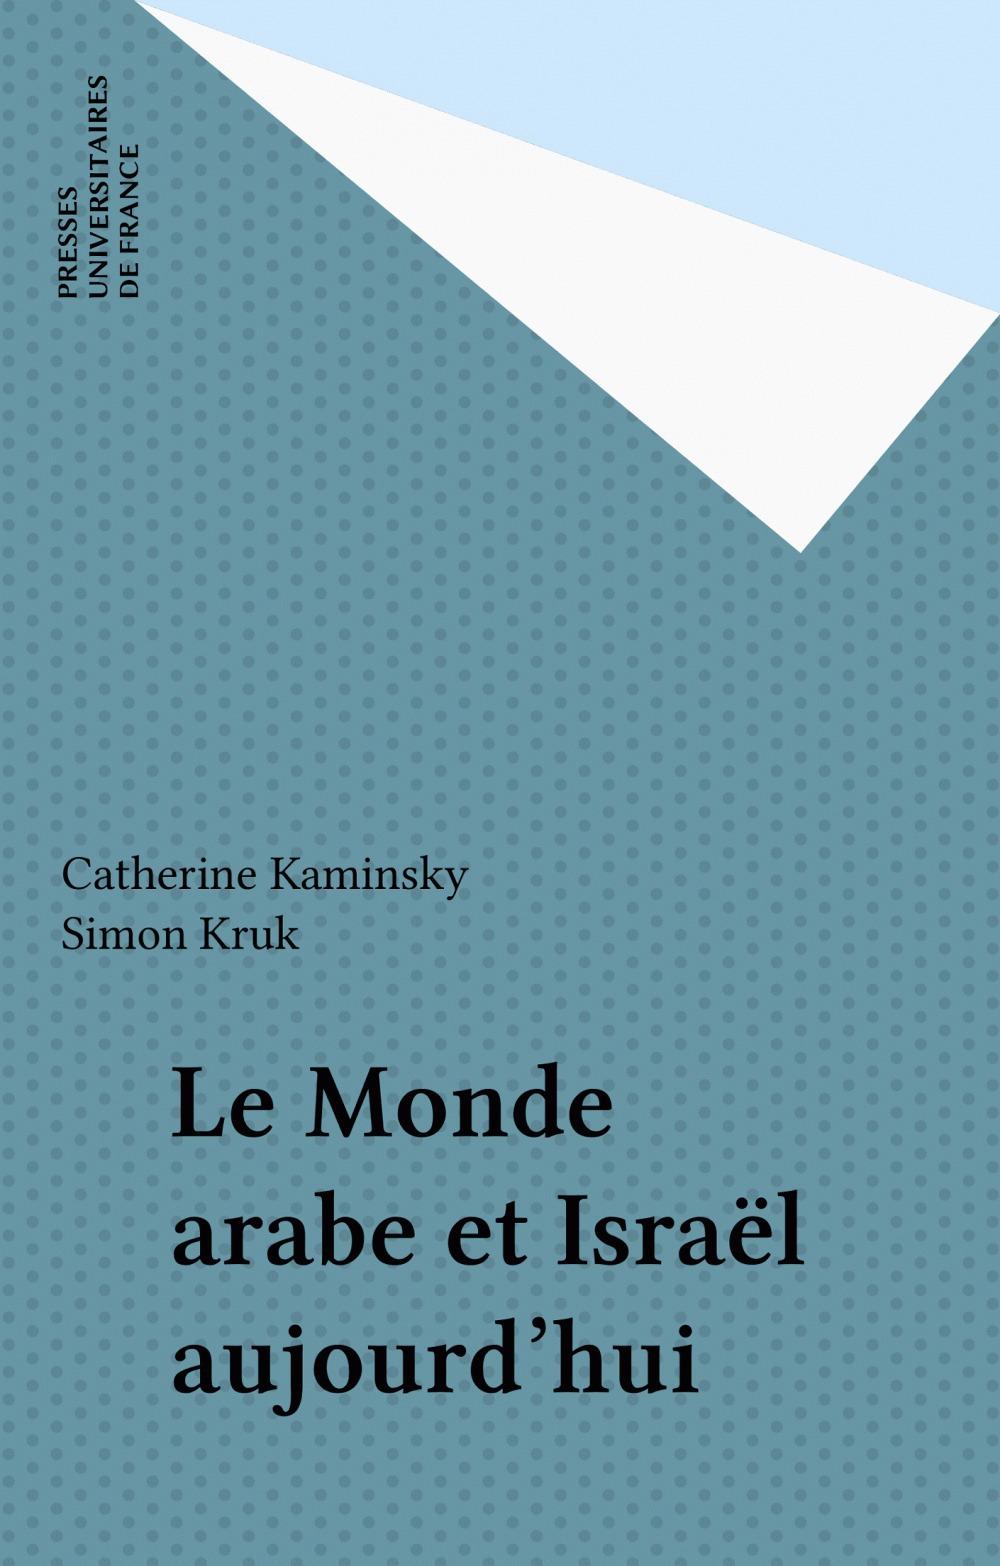 Le monde arabe et Israel aujourd'hui